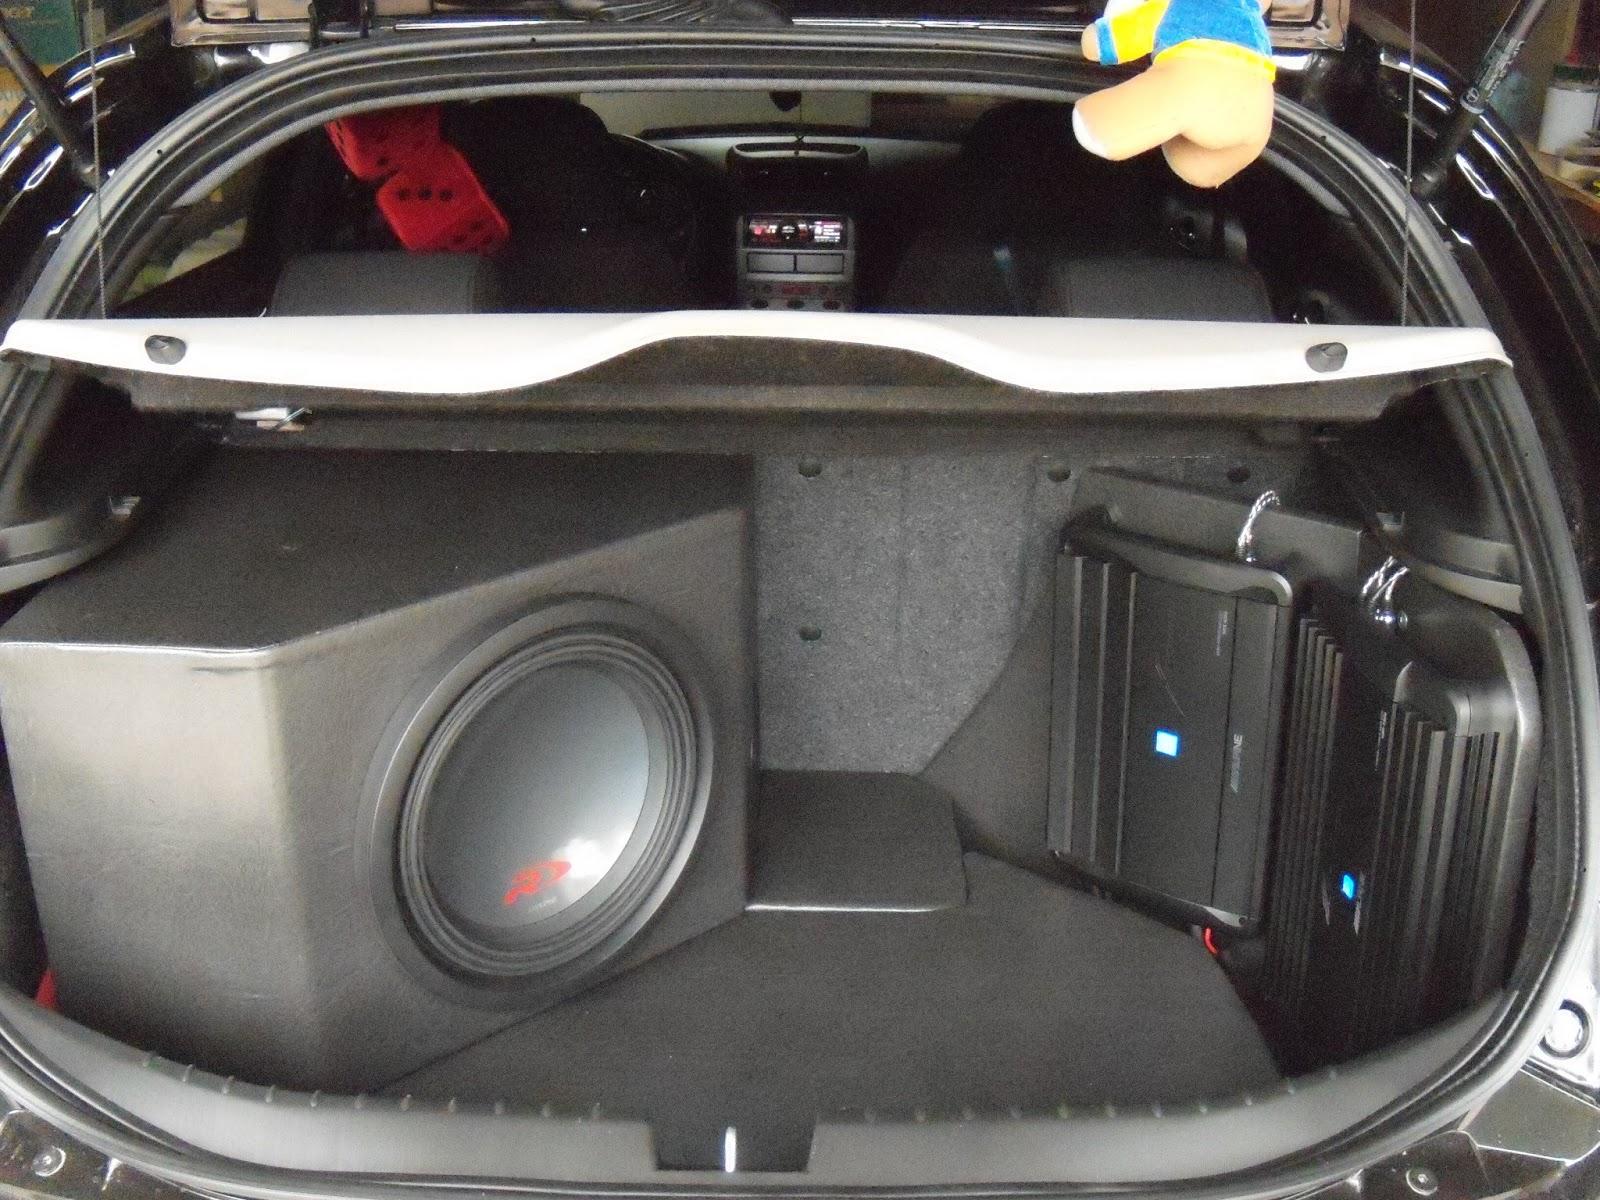 Ketto90 hi fi car progettazione e impostazione baule per l 39 impianto stereo - Impianto stereo per casa ...